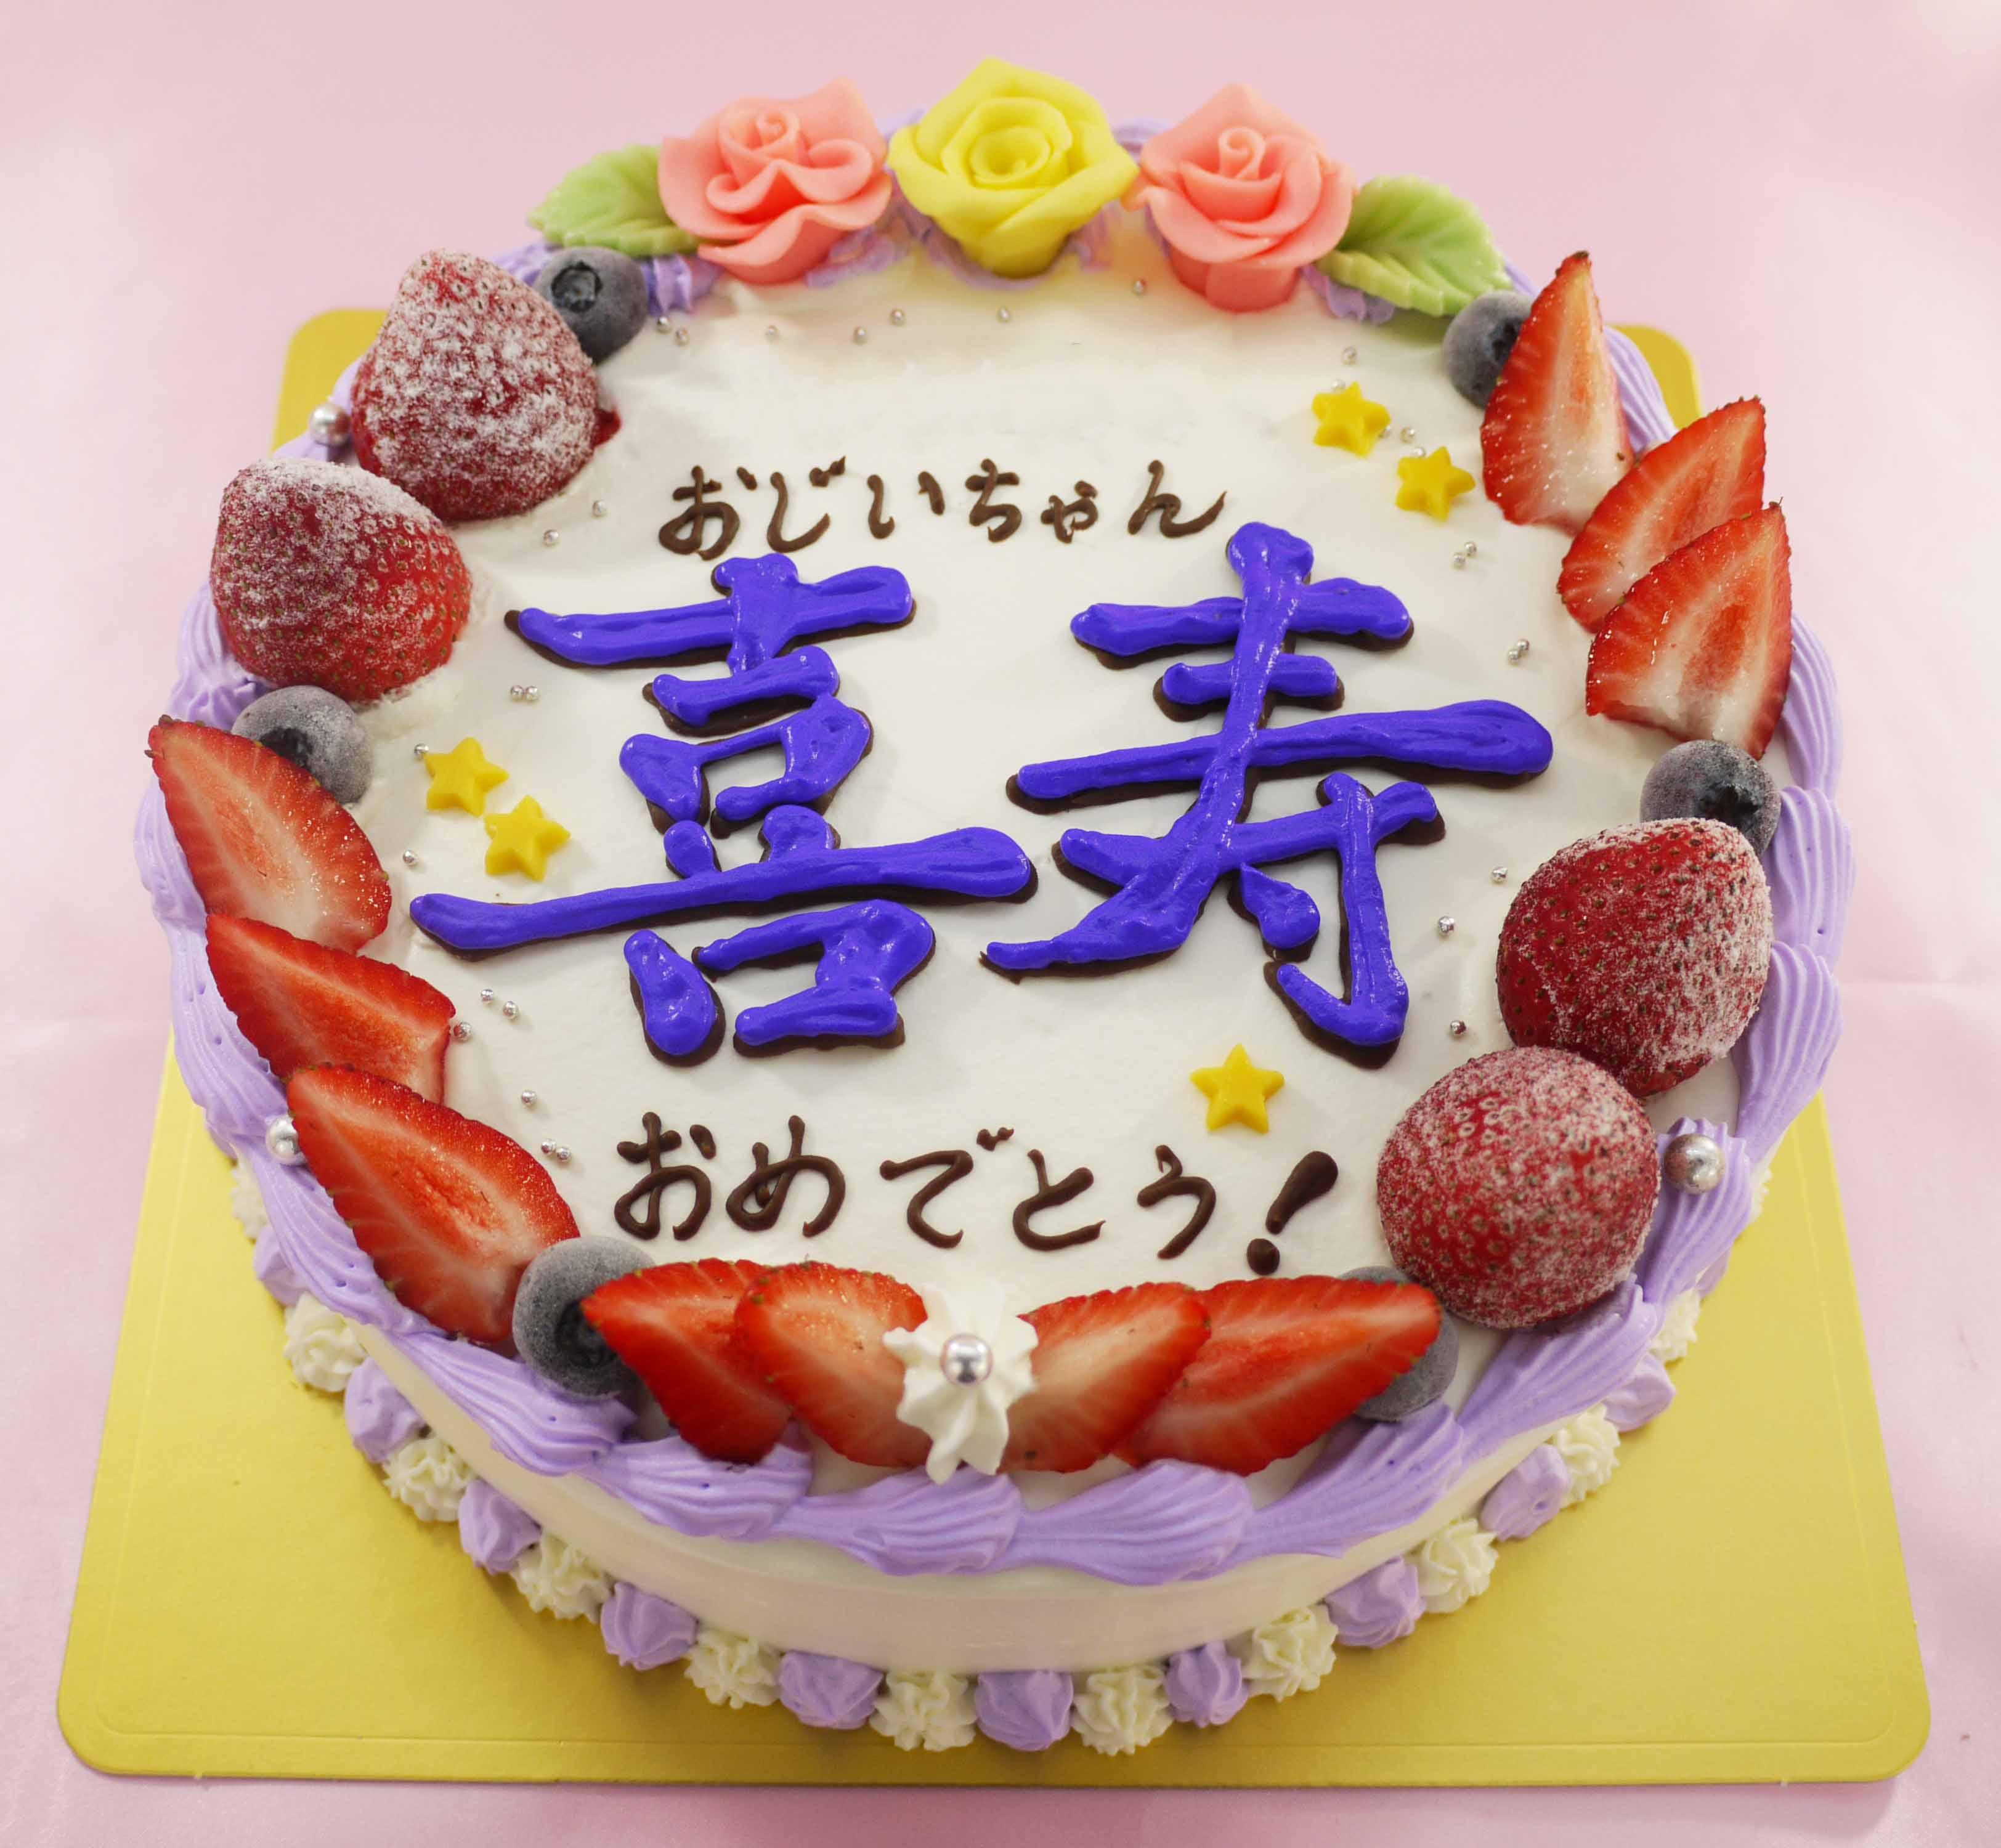 喜寿のお祝いケーキ